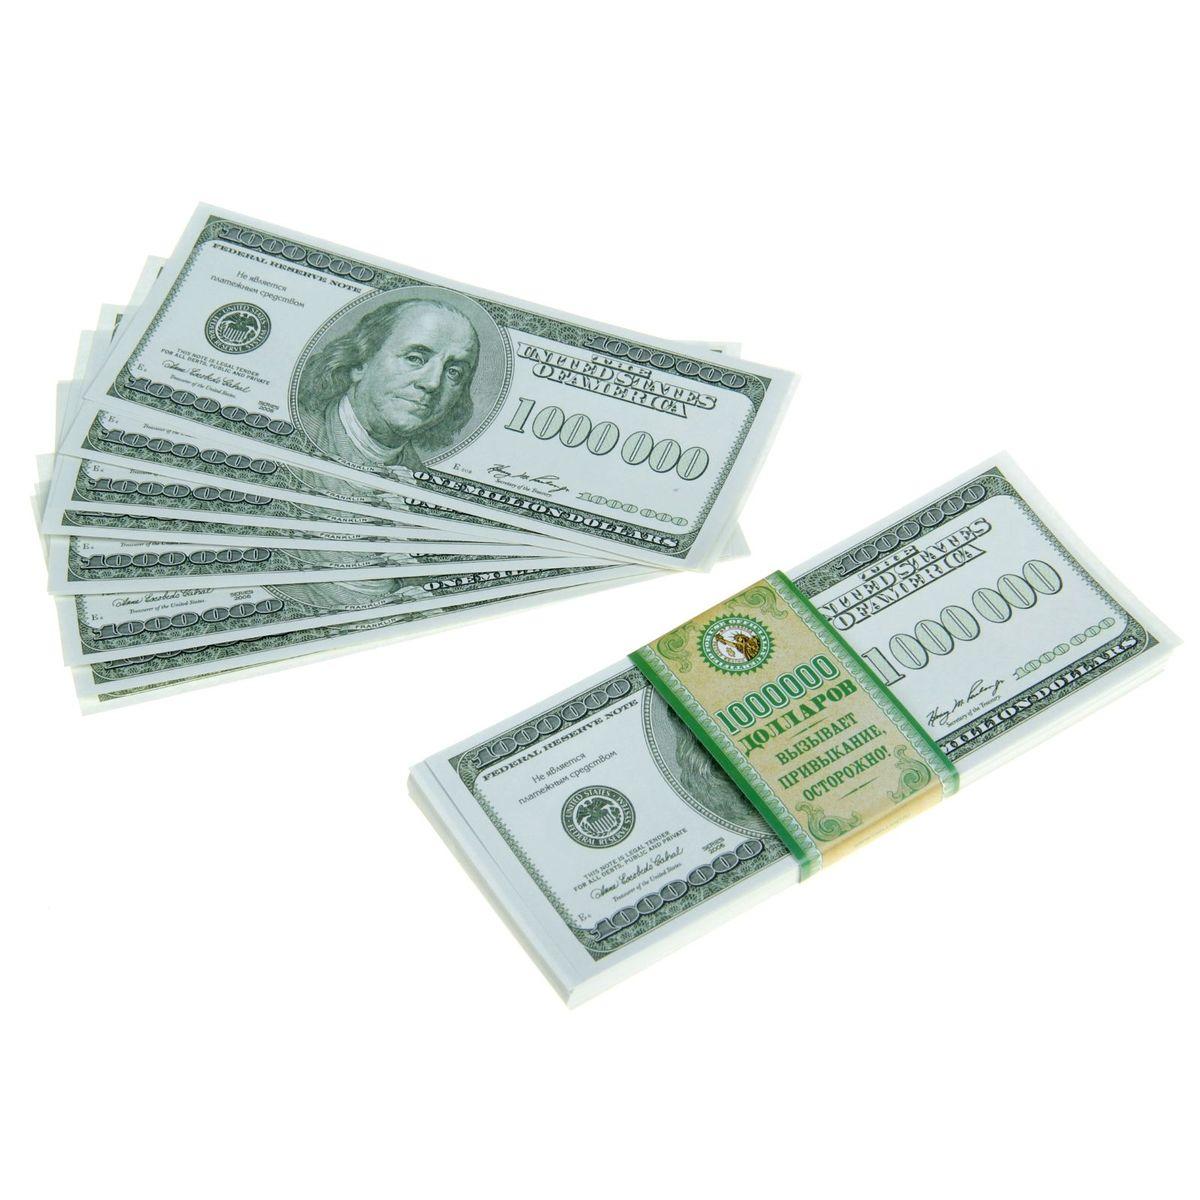 Деньги для выкупа Sima-land Вызывает привыкание!, 15,7 х 6,7 см918408Хотите весело и щедро выкупить невесту? Легко! С вас - боевое настроение, а о деньгах не волнуйтесь! Набор Sima-land Вызывает привыкание! состоит из 100 банкнот номиналом 1000000$. Такие шуточные купюры пригодятся жениху для того, чтобы откупиться от некоторых заданий при выкупе невесты. Подойдут также и для проведения свадебных конкурсов. Размер купюры: 15,7 х 6,7 см.